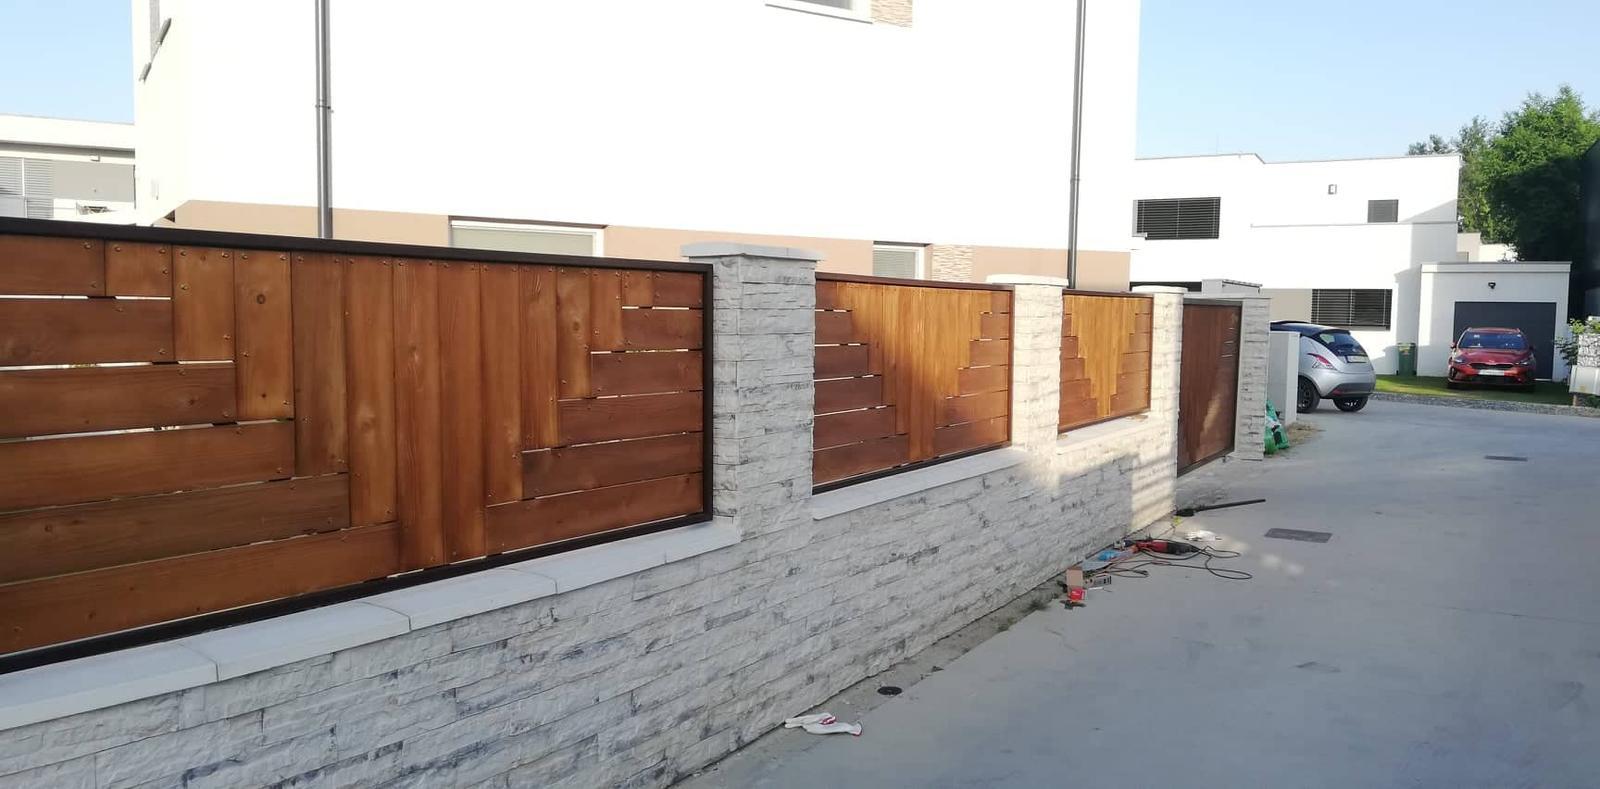 Posuvná brána + plotové výplne. Materiál smrek tzv parketový vzor - Obrázok č. 7